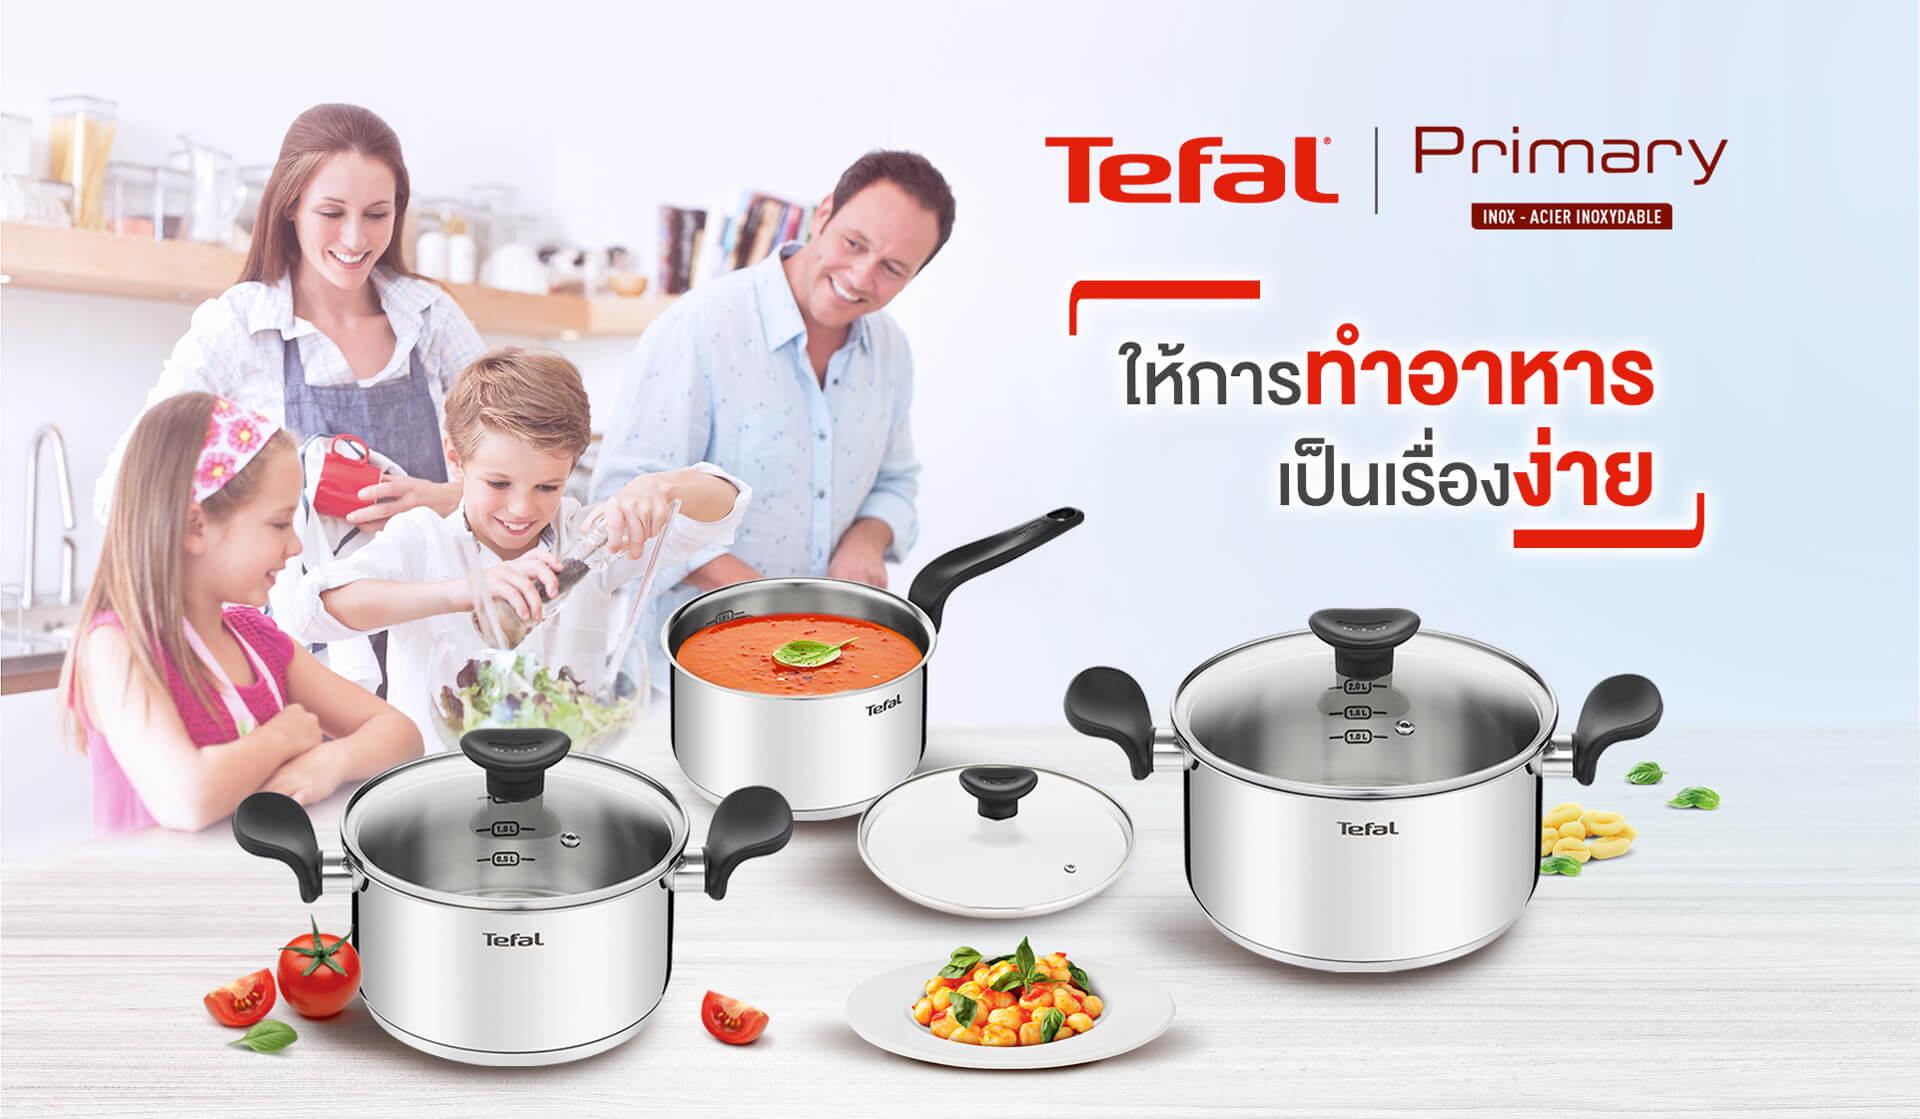 Tefal Primary ให้การทำอาหารเป็นเรื่องง่าย